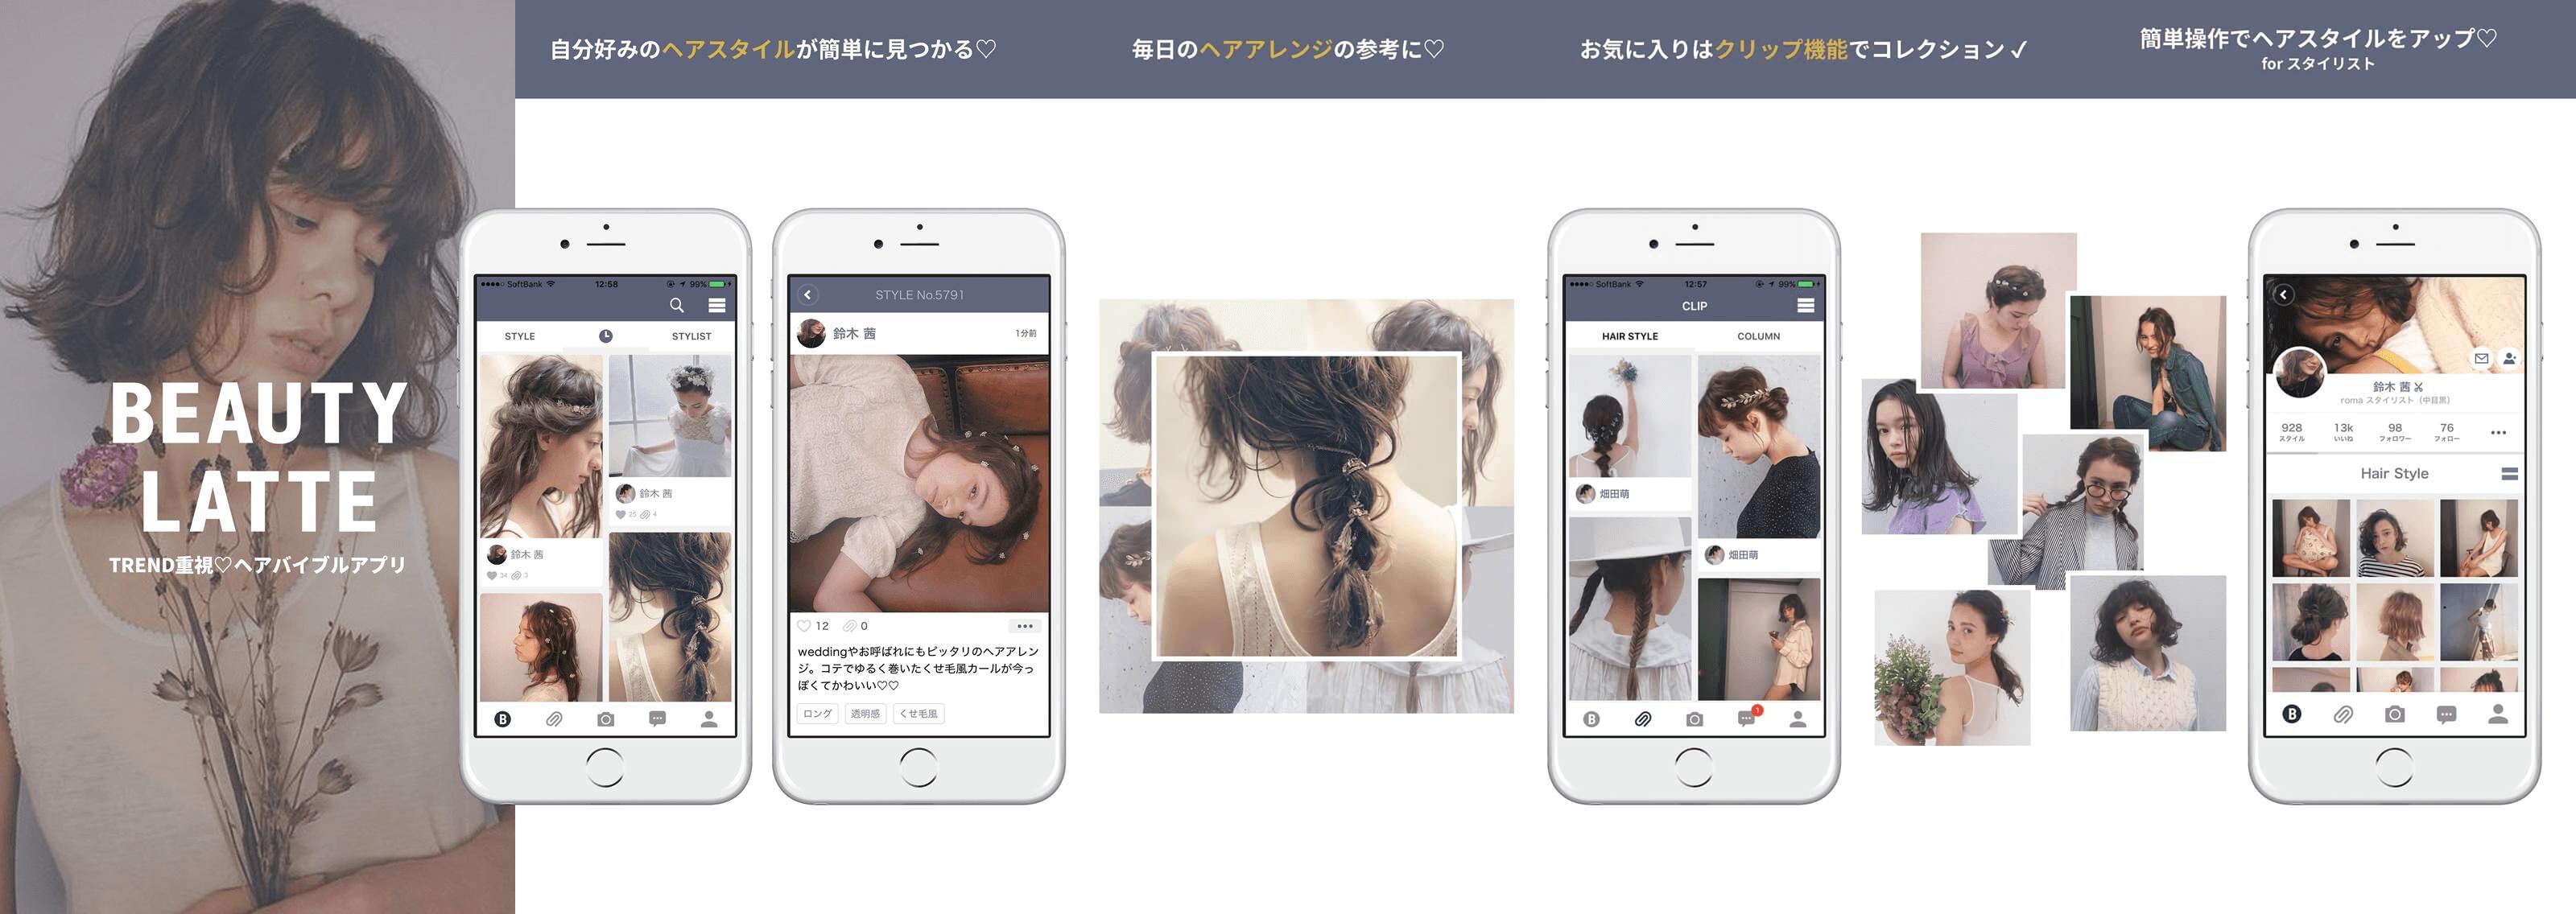 BeautyAppImage